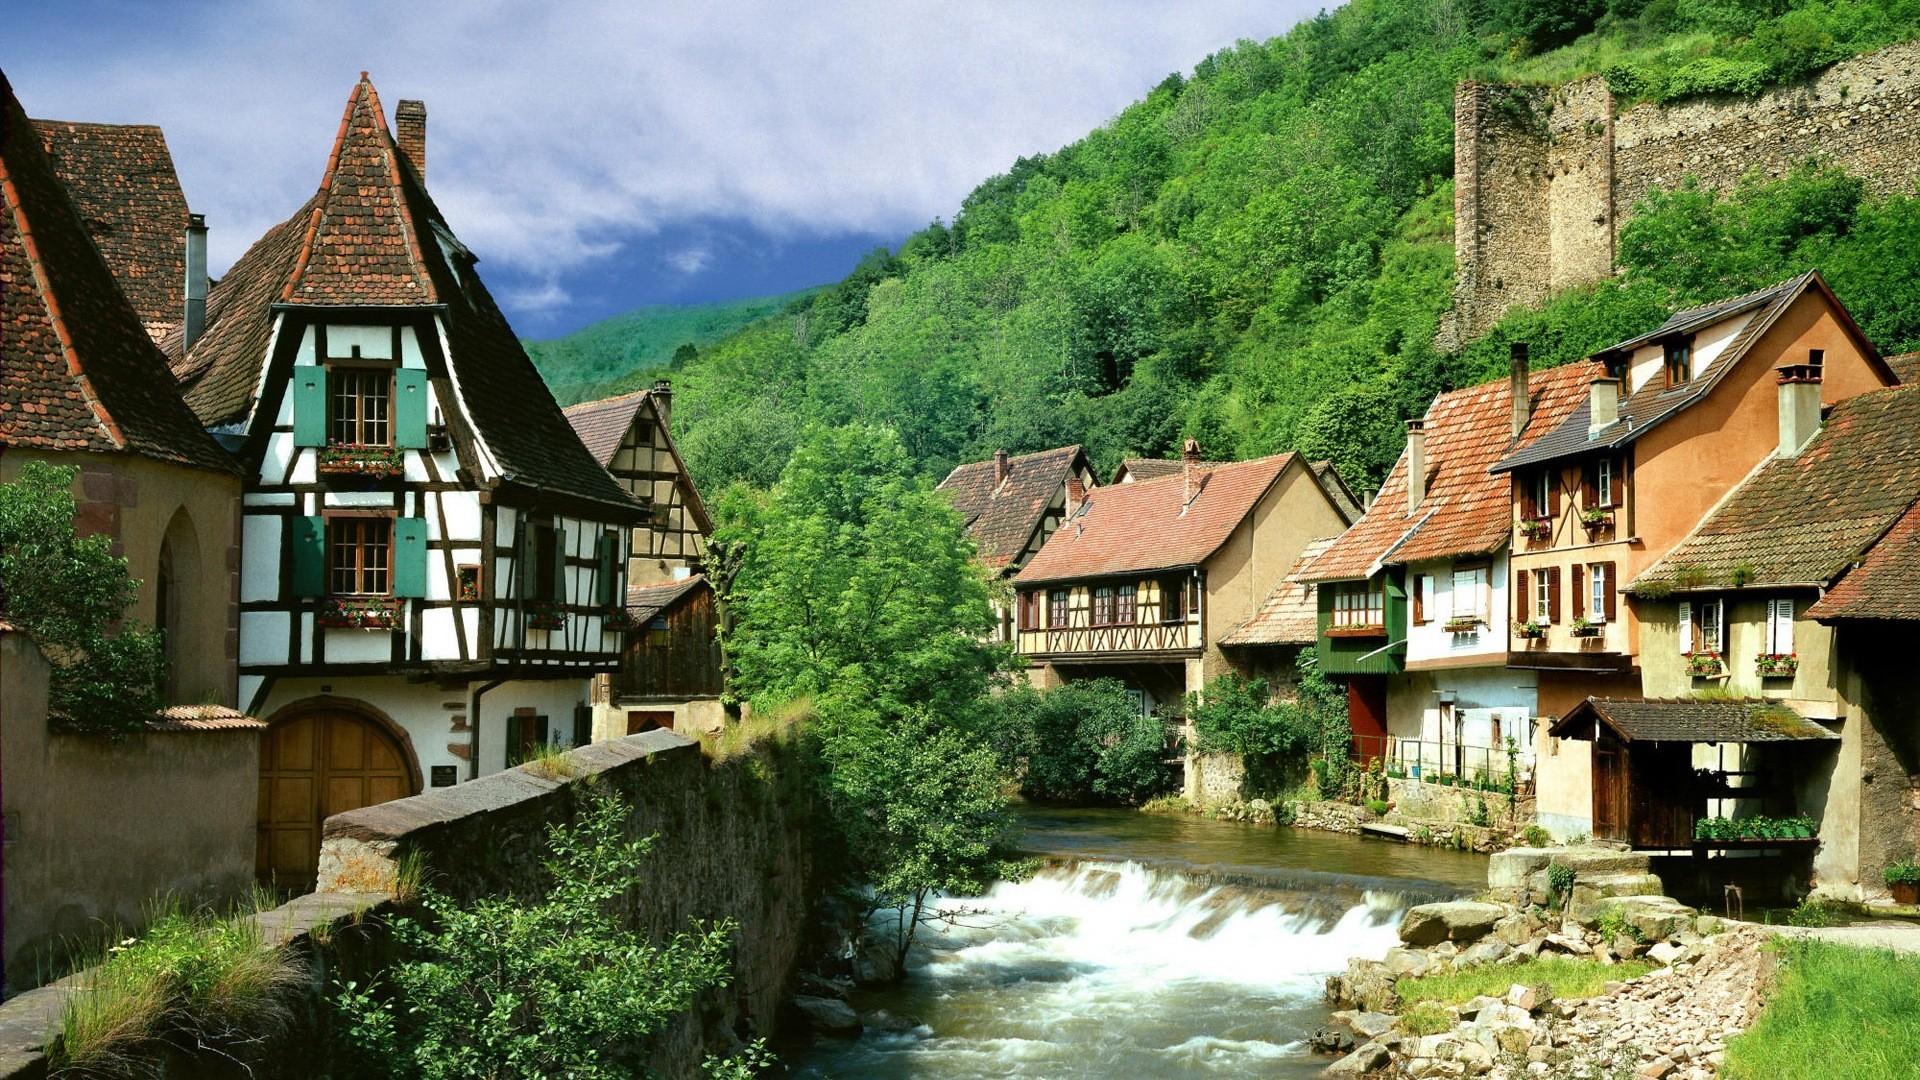 France Landscape | France landscapes nature villages wallpaper